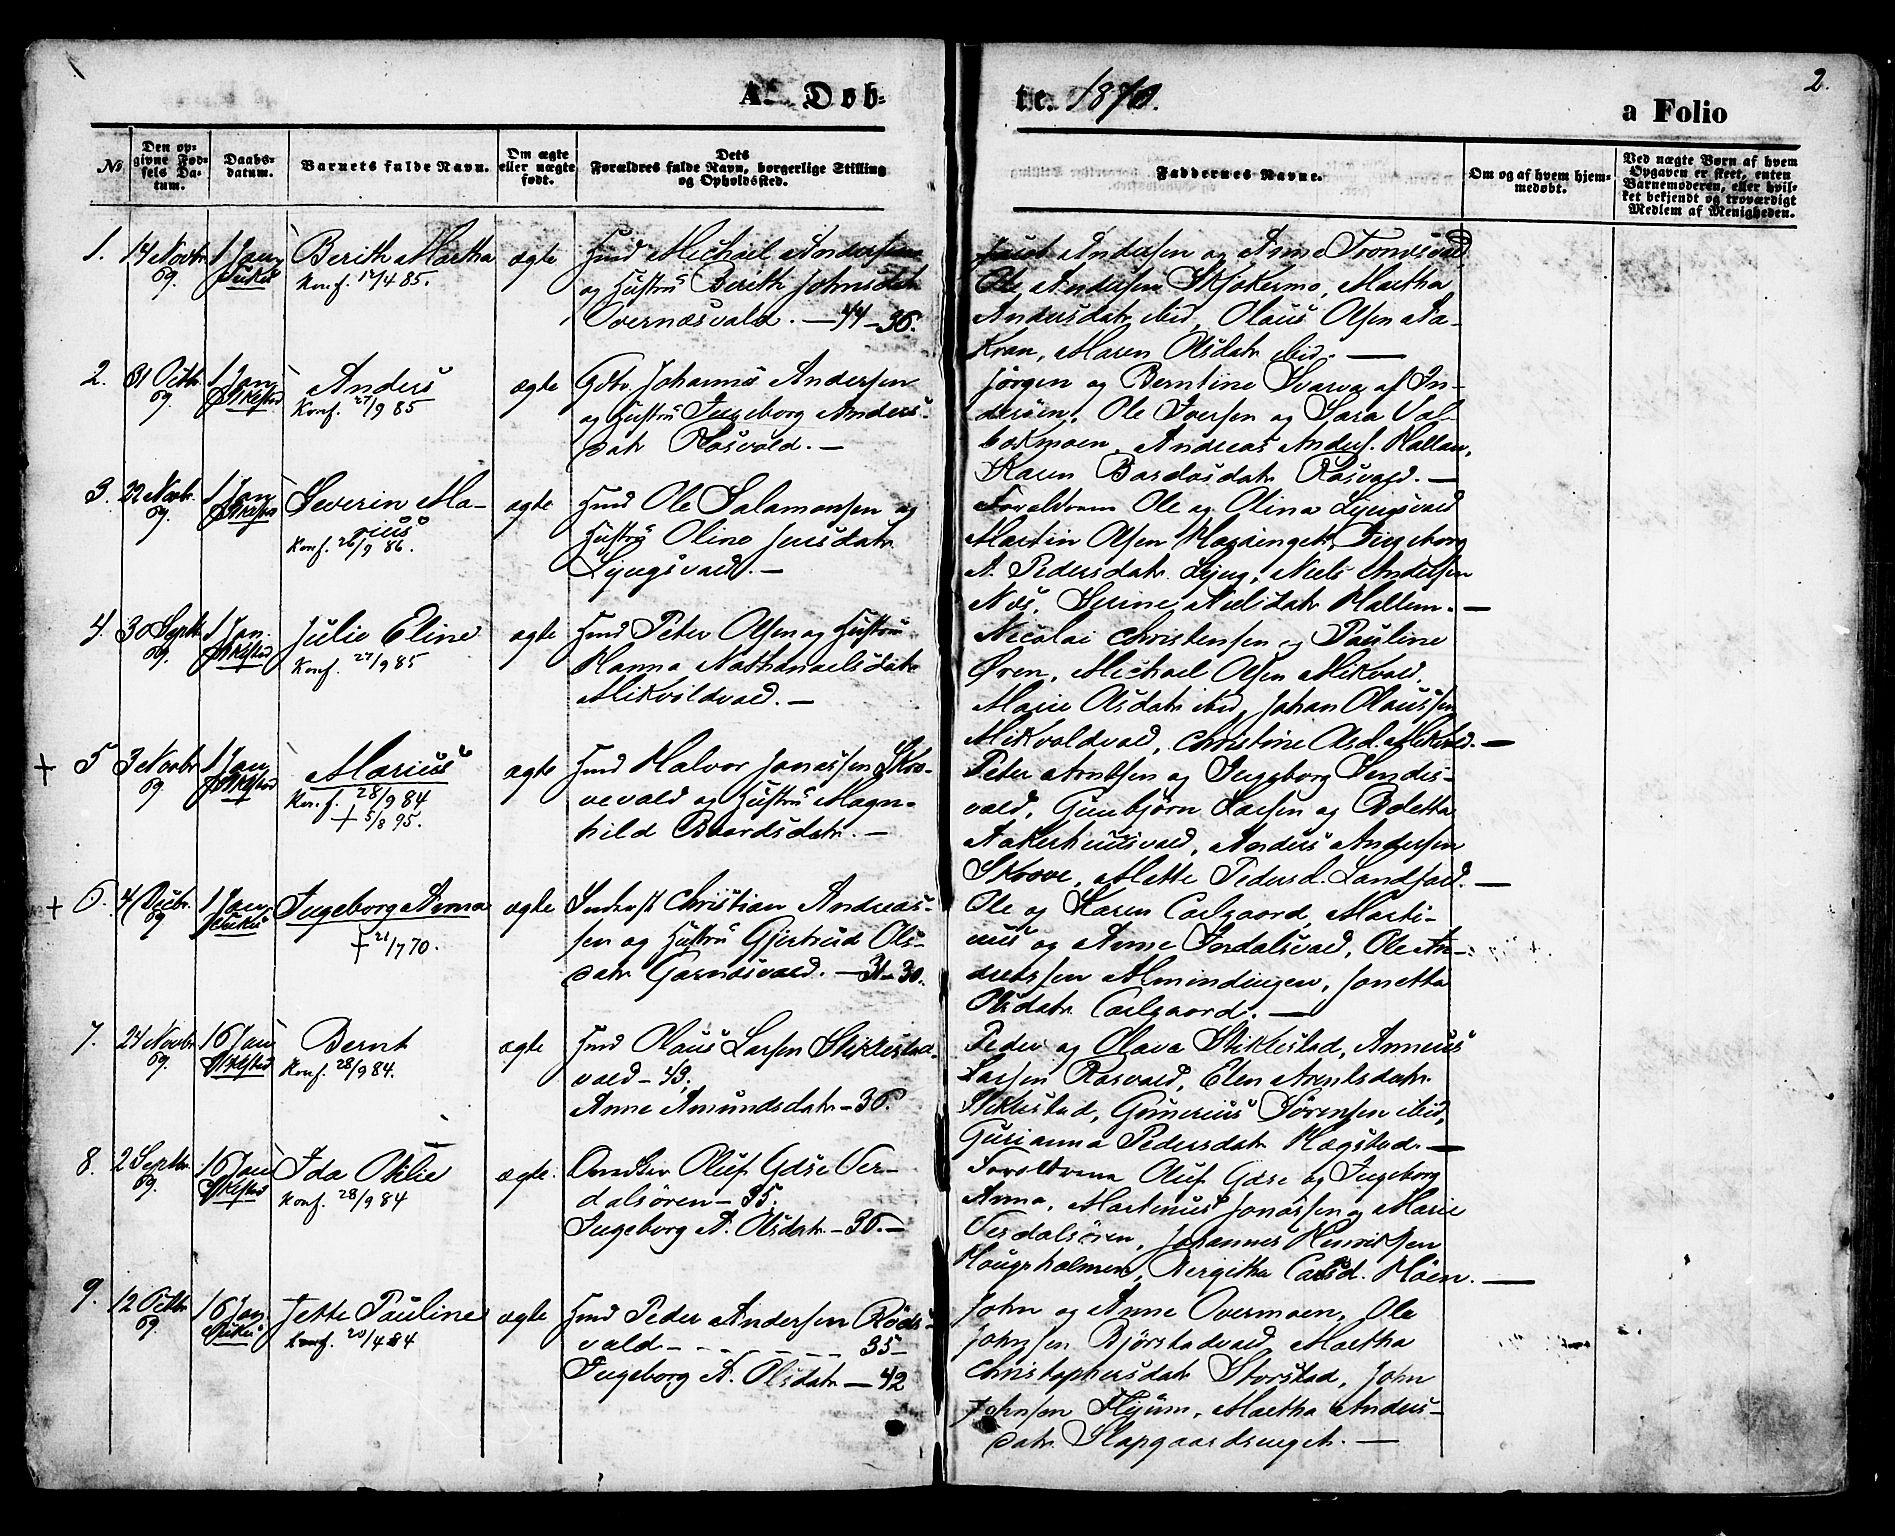 SAT, Ministerialprotokoller, klokkerbøker og fødselsregistre - Nord-Trøndelag, 723/L0242: Ministerialbok nr. 723A11, 1870-1880, s. 2